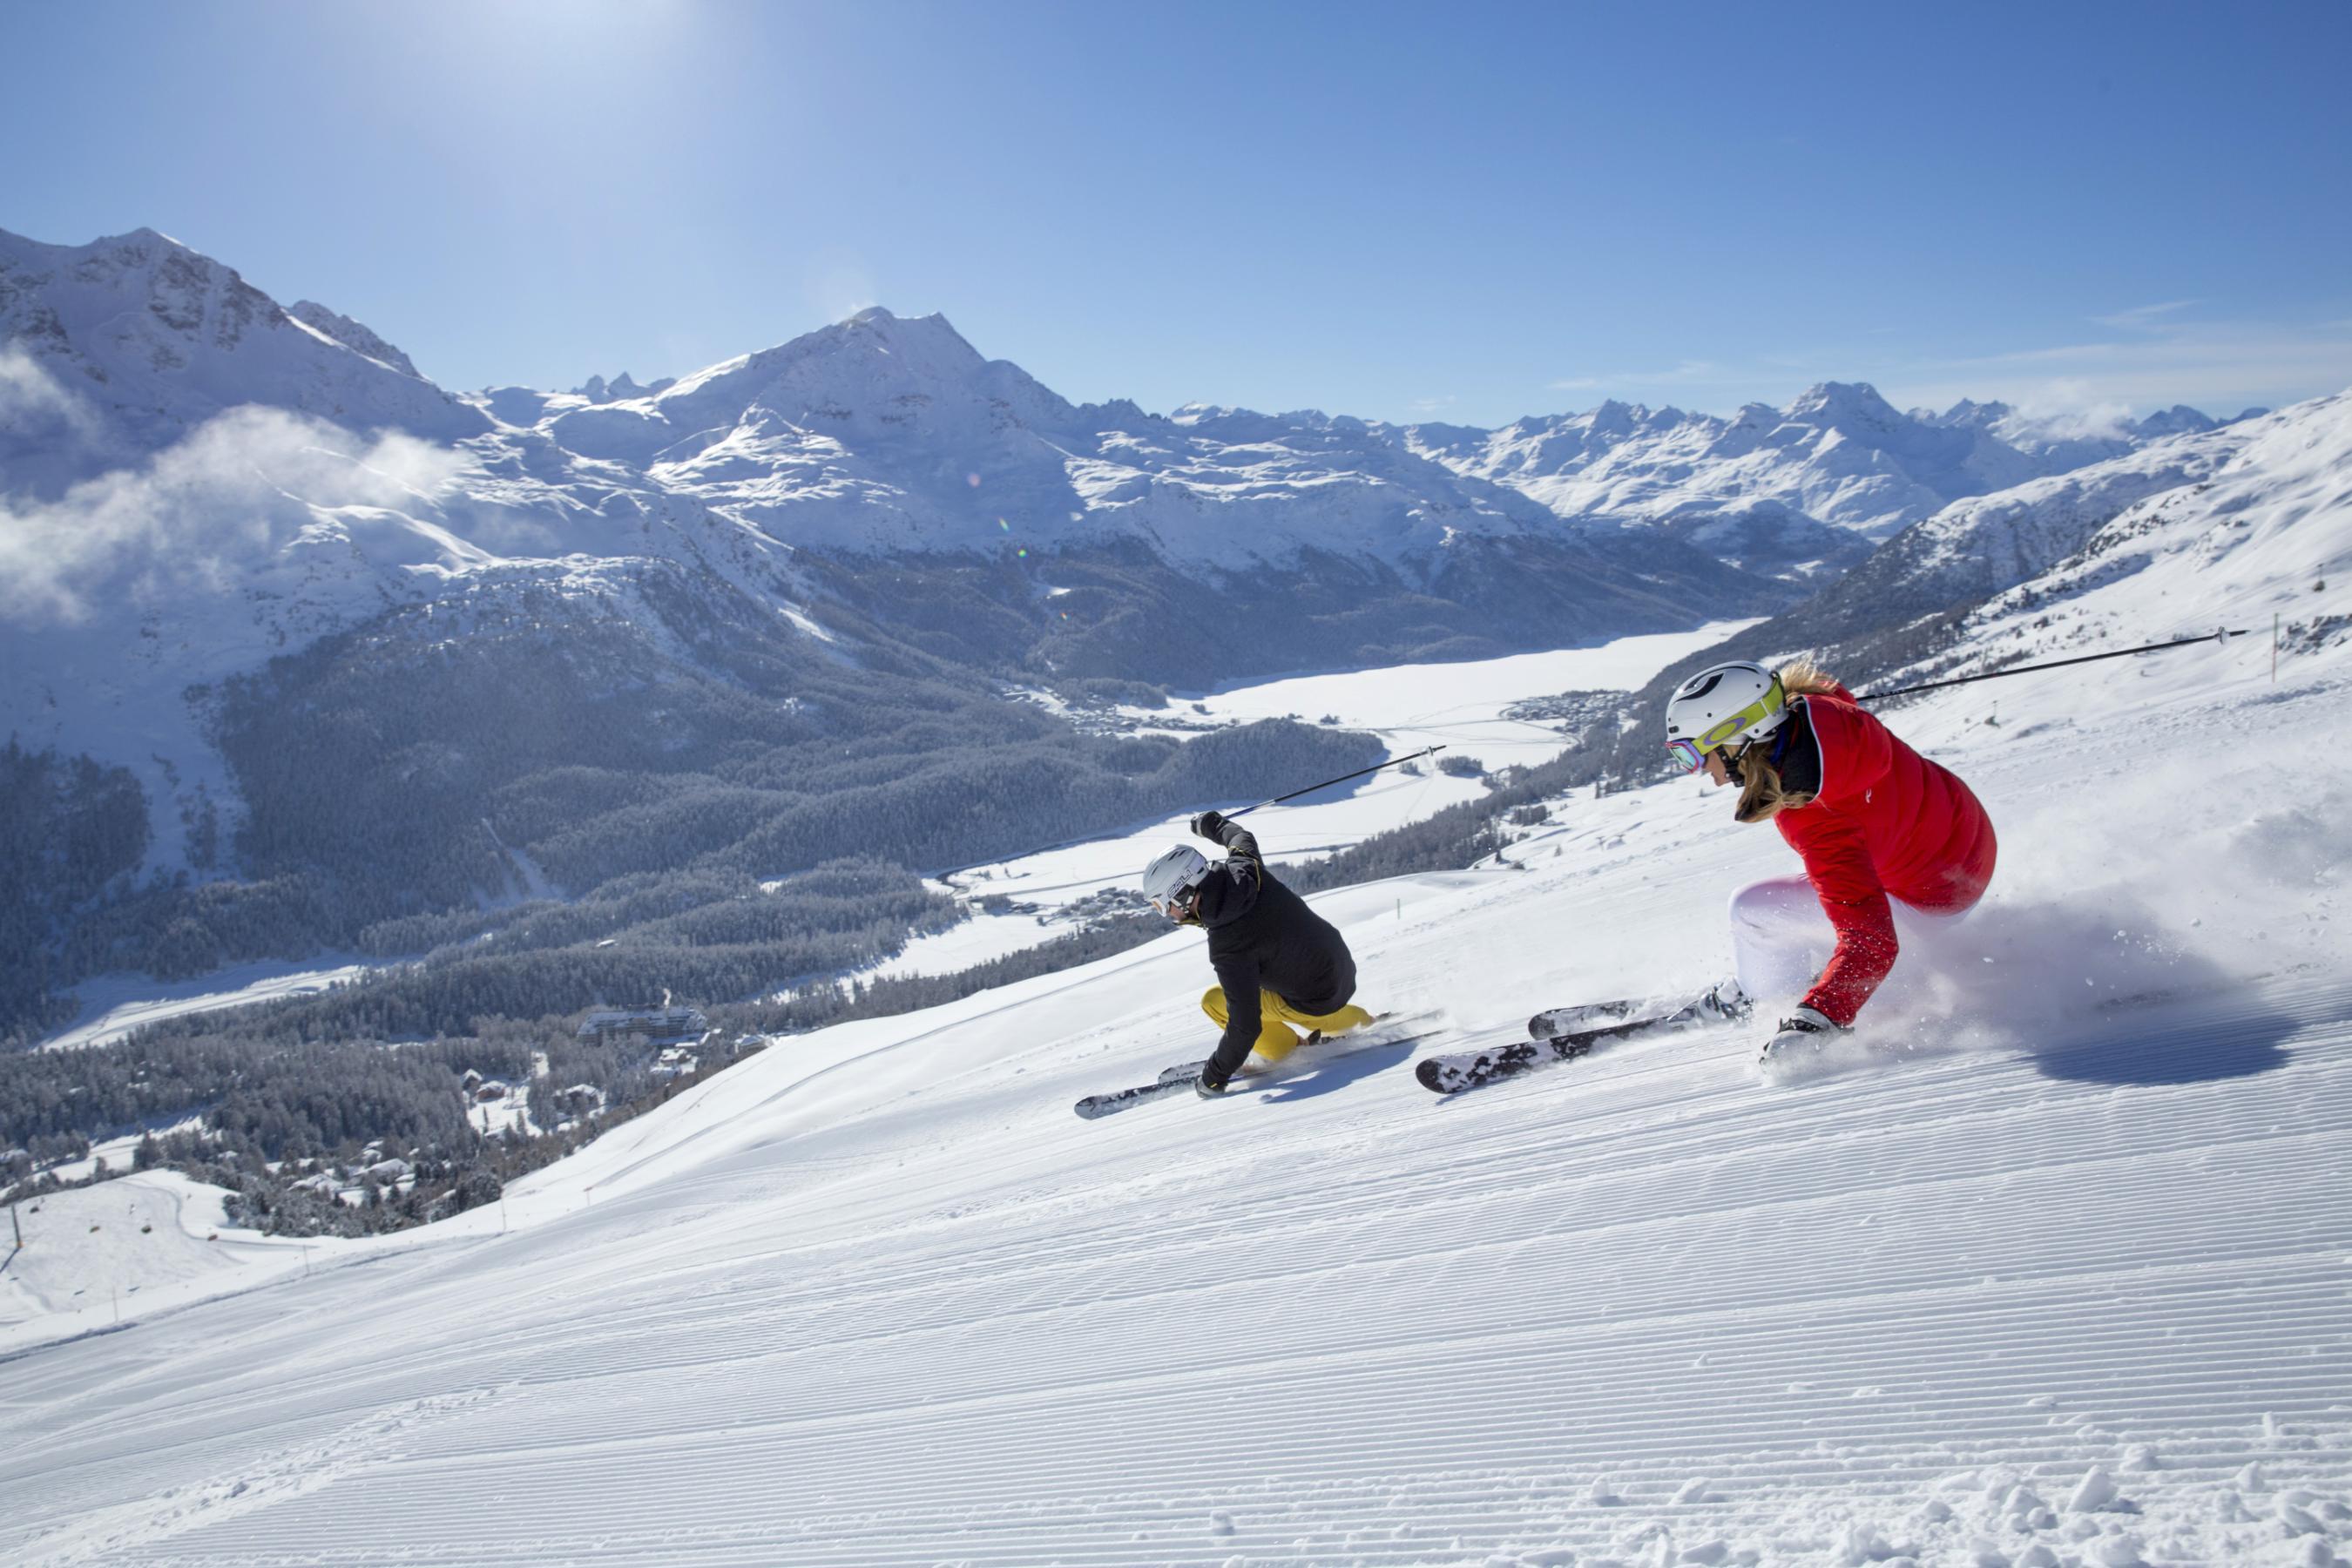 st moritz, switzerland ski resort guide | cnn travel